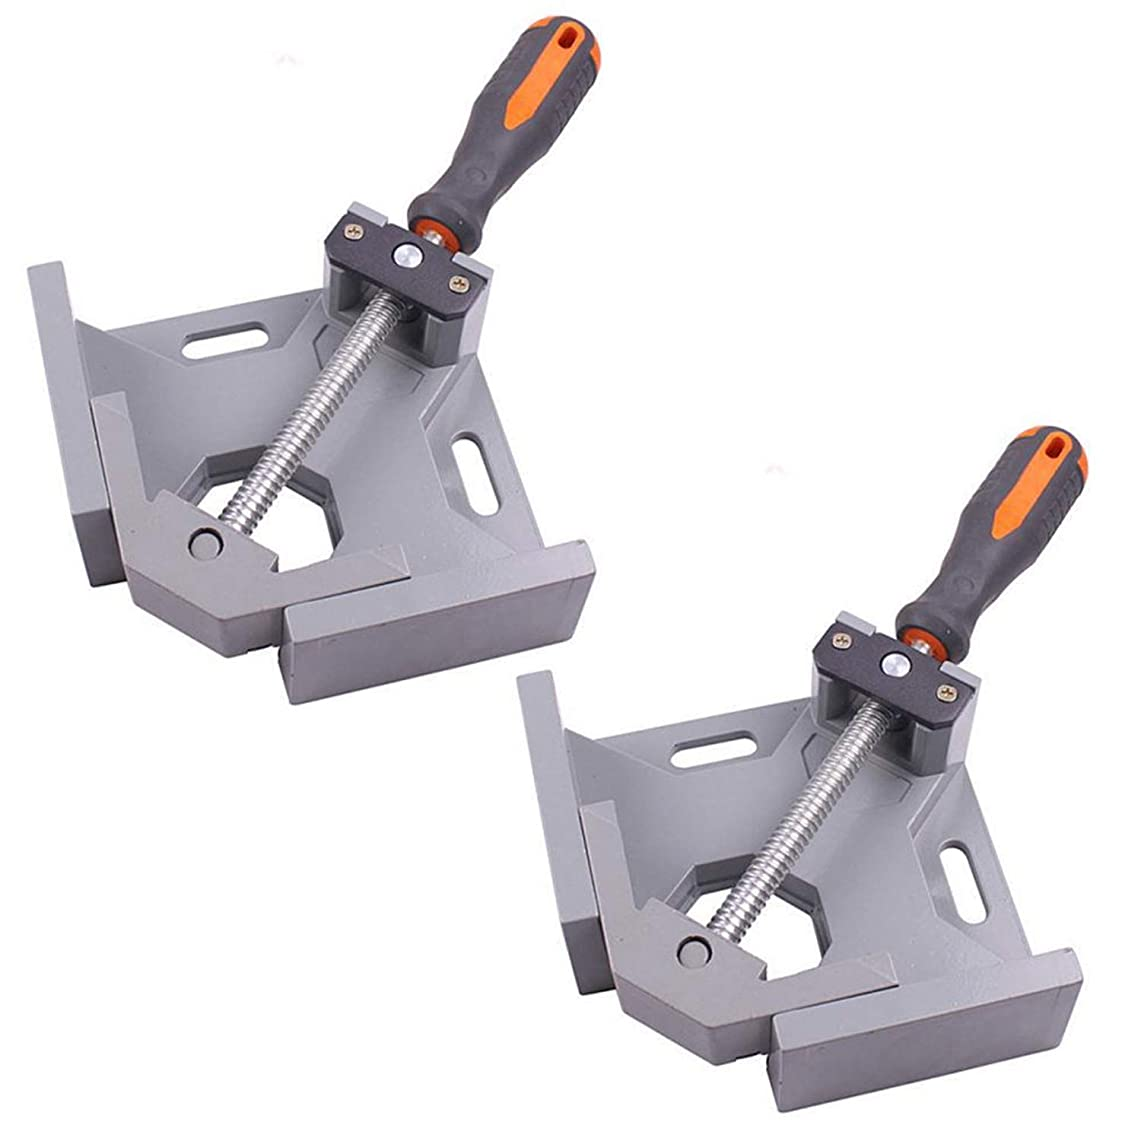 エスネット コーナークランプ 90度 直角 定規 木工 溶接 固定 工具 DIY 1個 2個 4個 セット SN-176-N3 (2個セット) 接着 スケール ペンチ